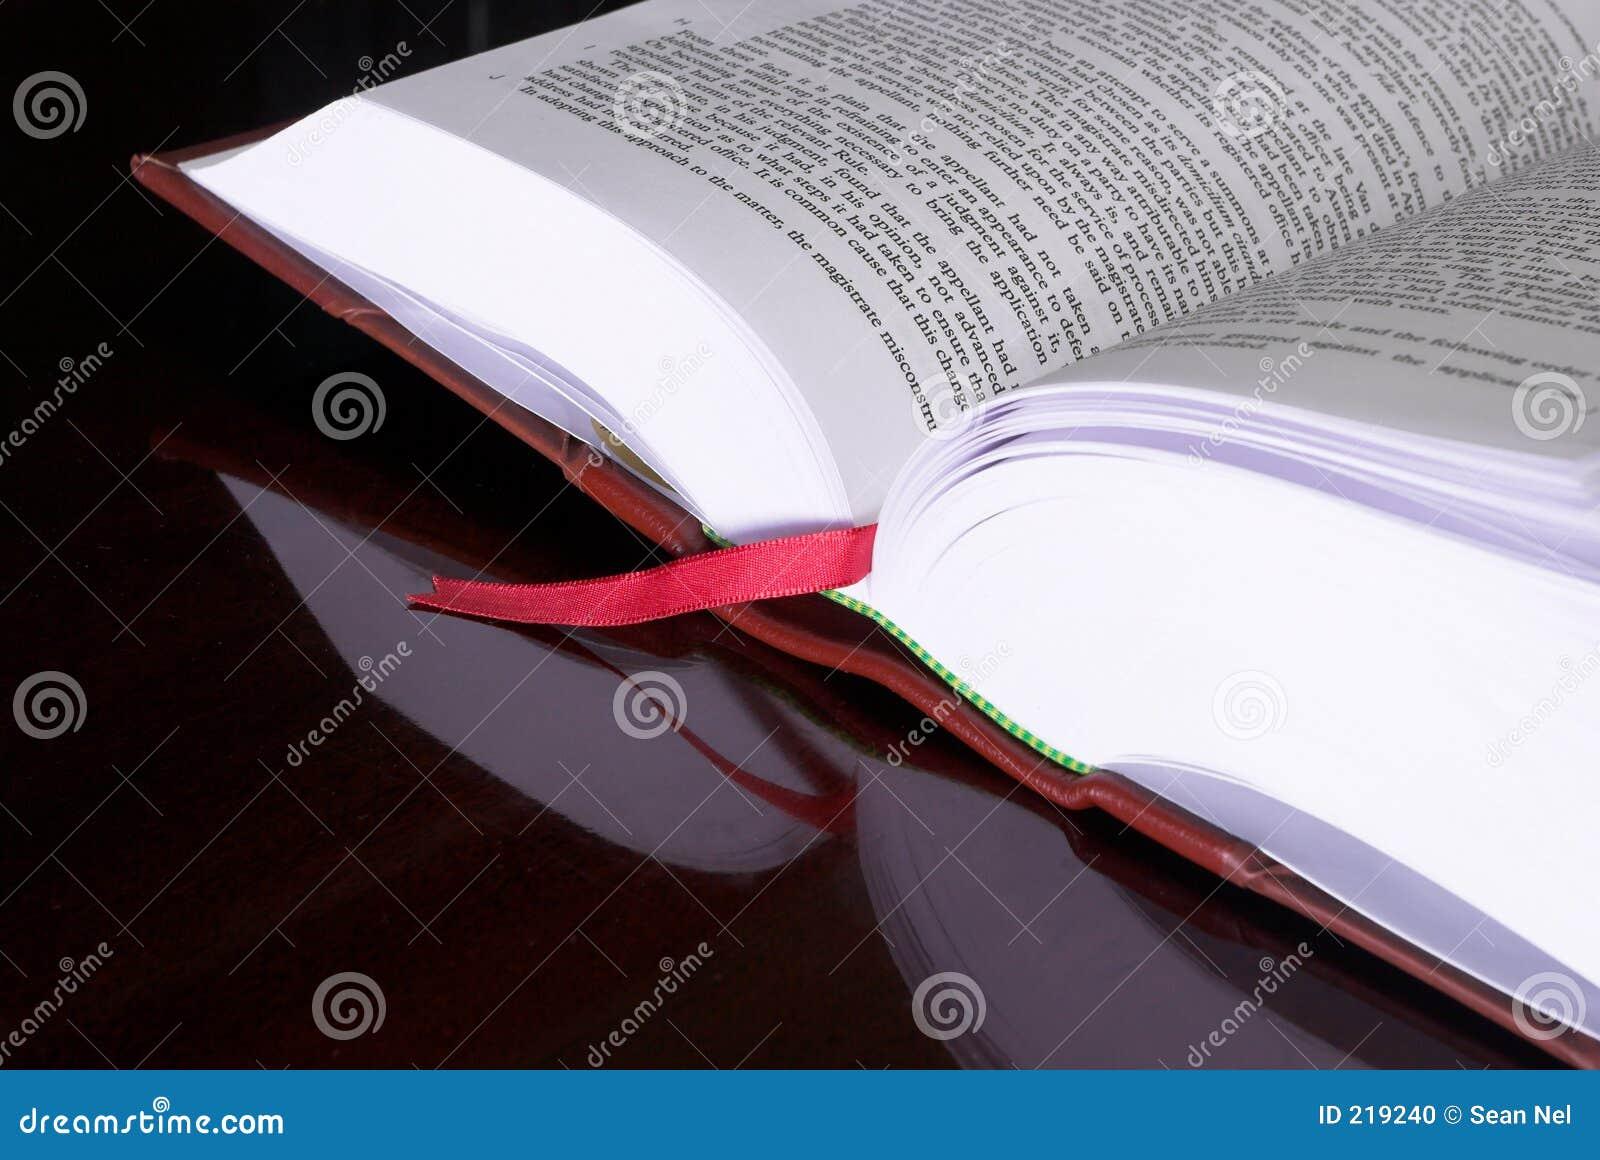 Libros legales #6